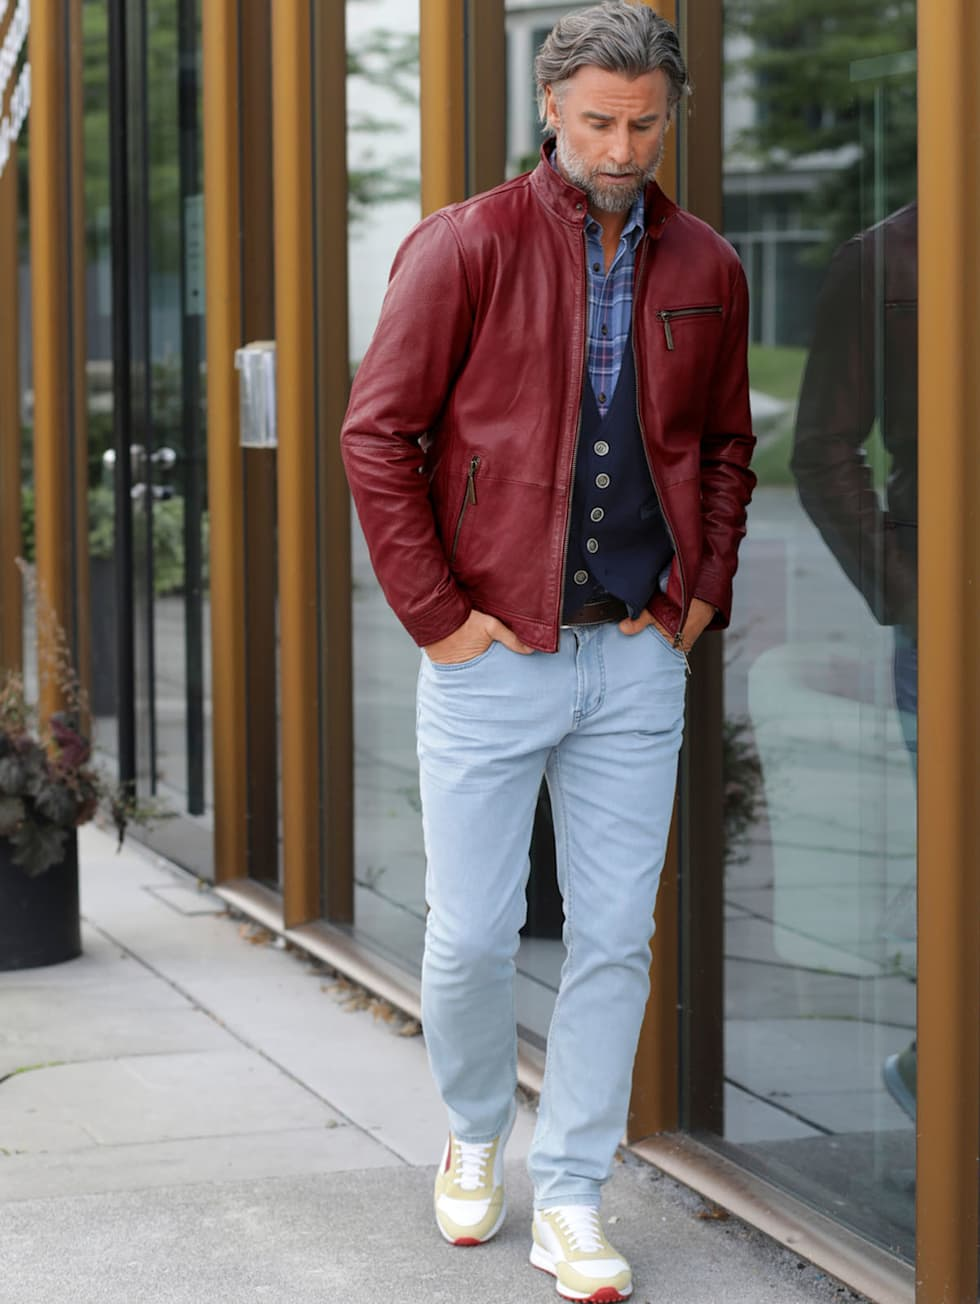 Casual-Outfit: Rote Lederjacke, blaues Hemd, dunkelblaue Weste und helle Jeans